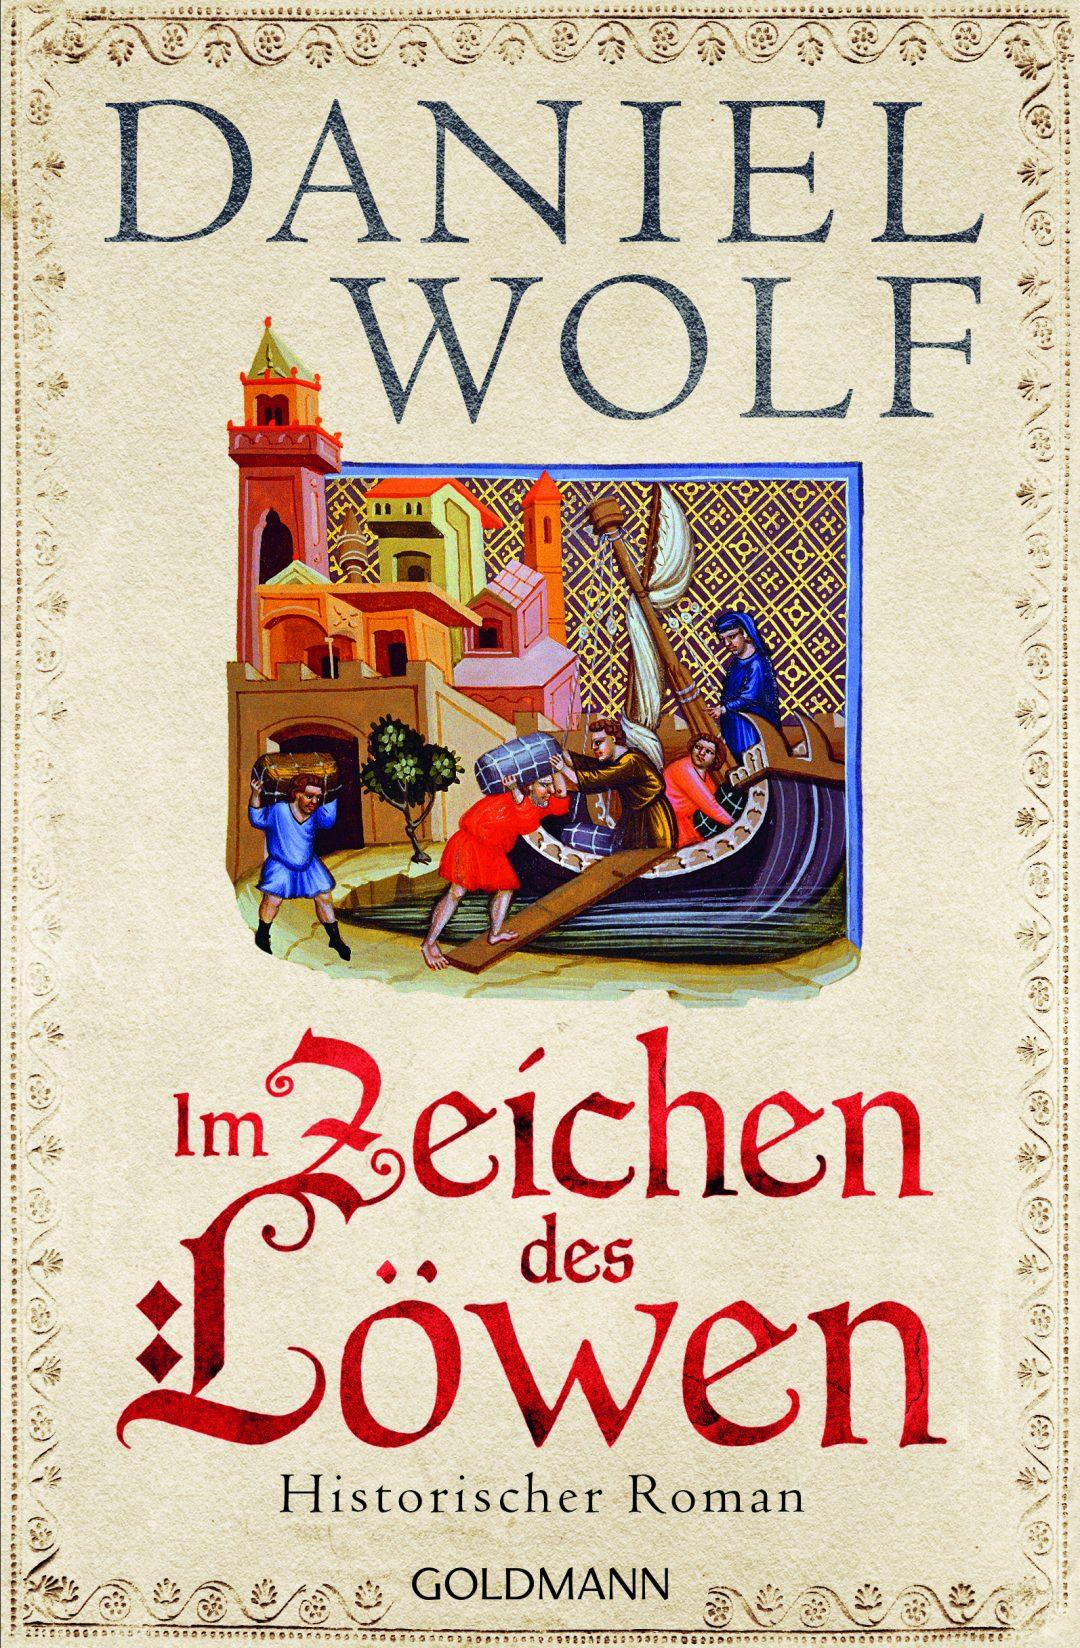 Im Zeichen des Löwen von Daniel Wolf ©Goldmann